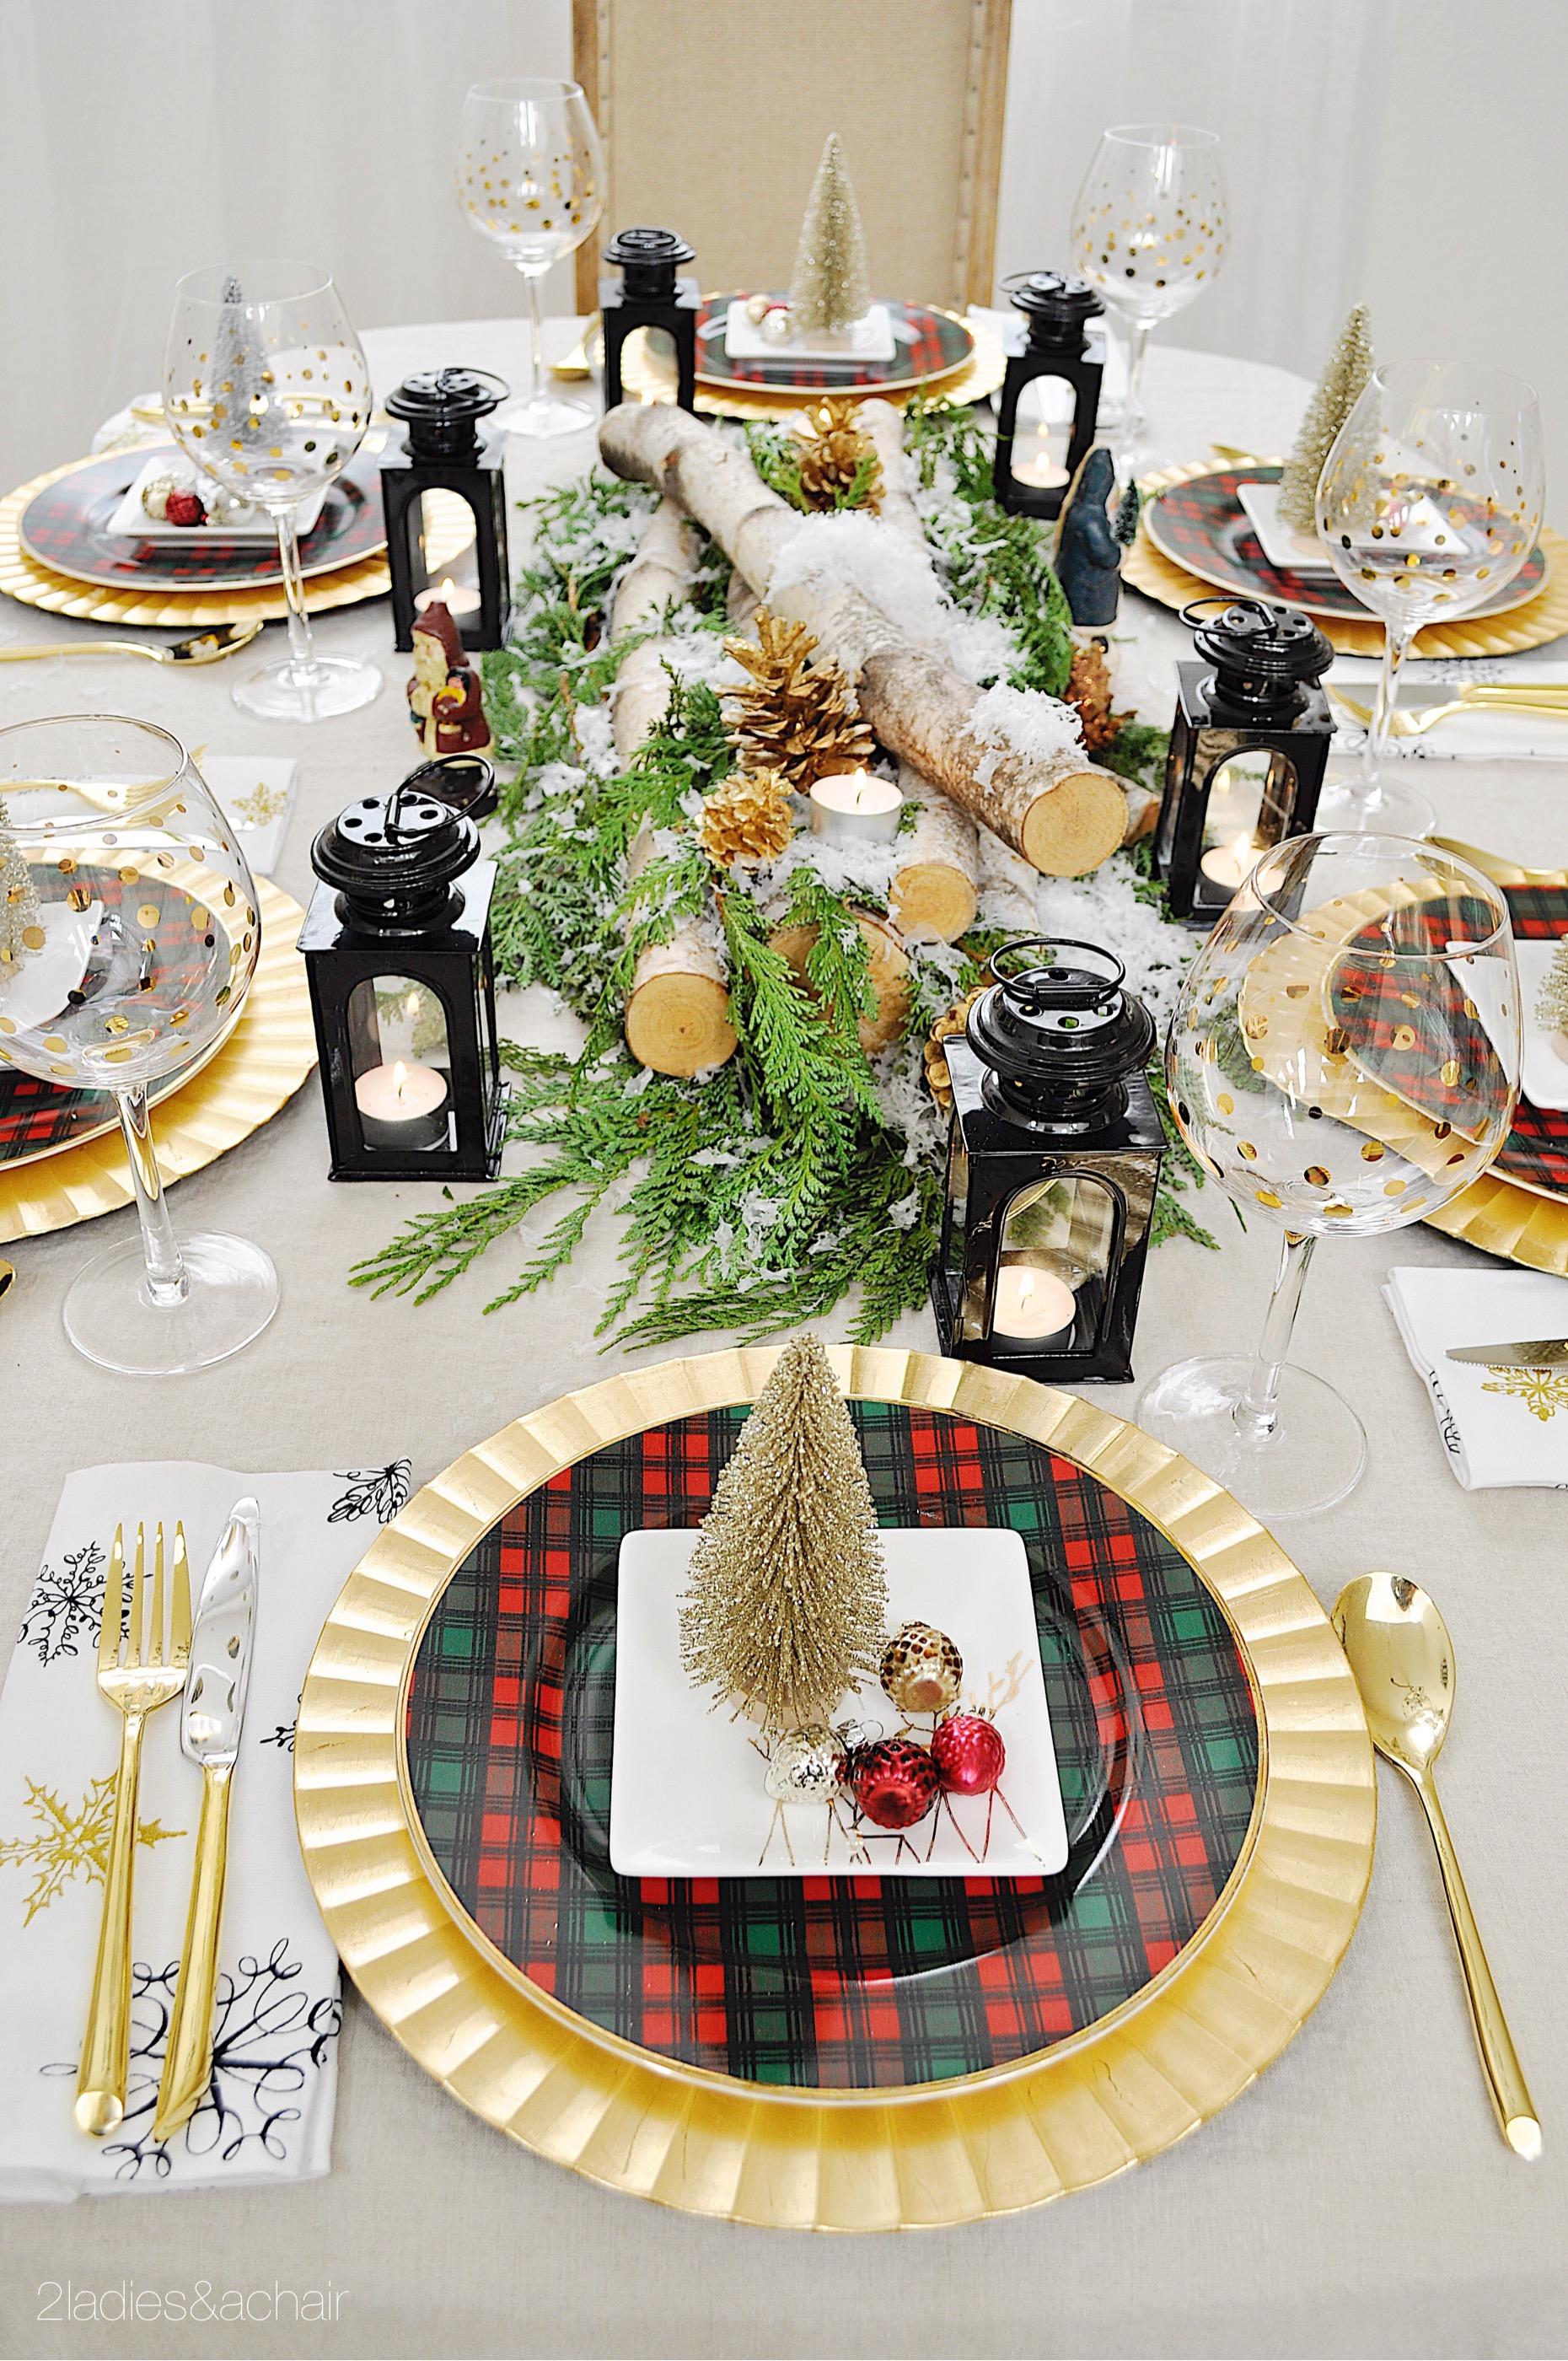 christmas tablescape ideas IMG_8742.JPG